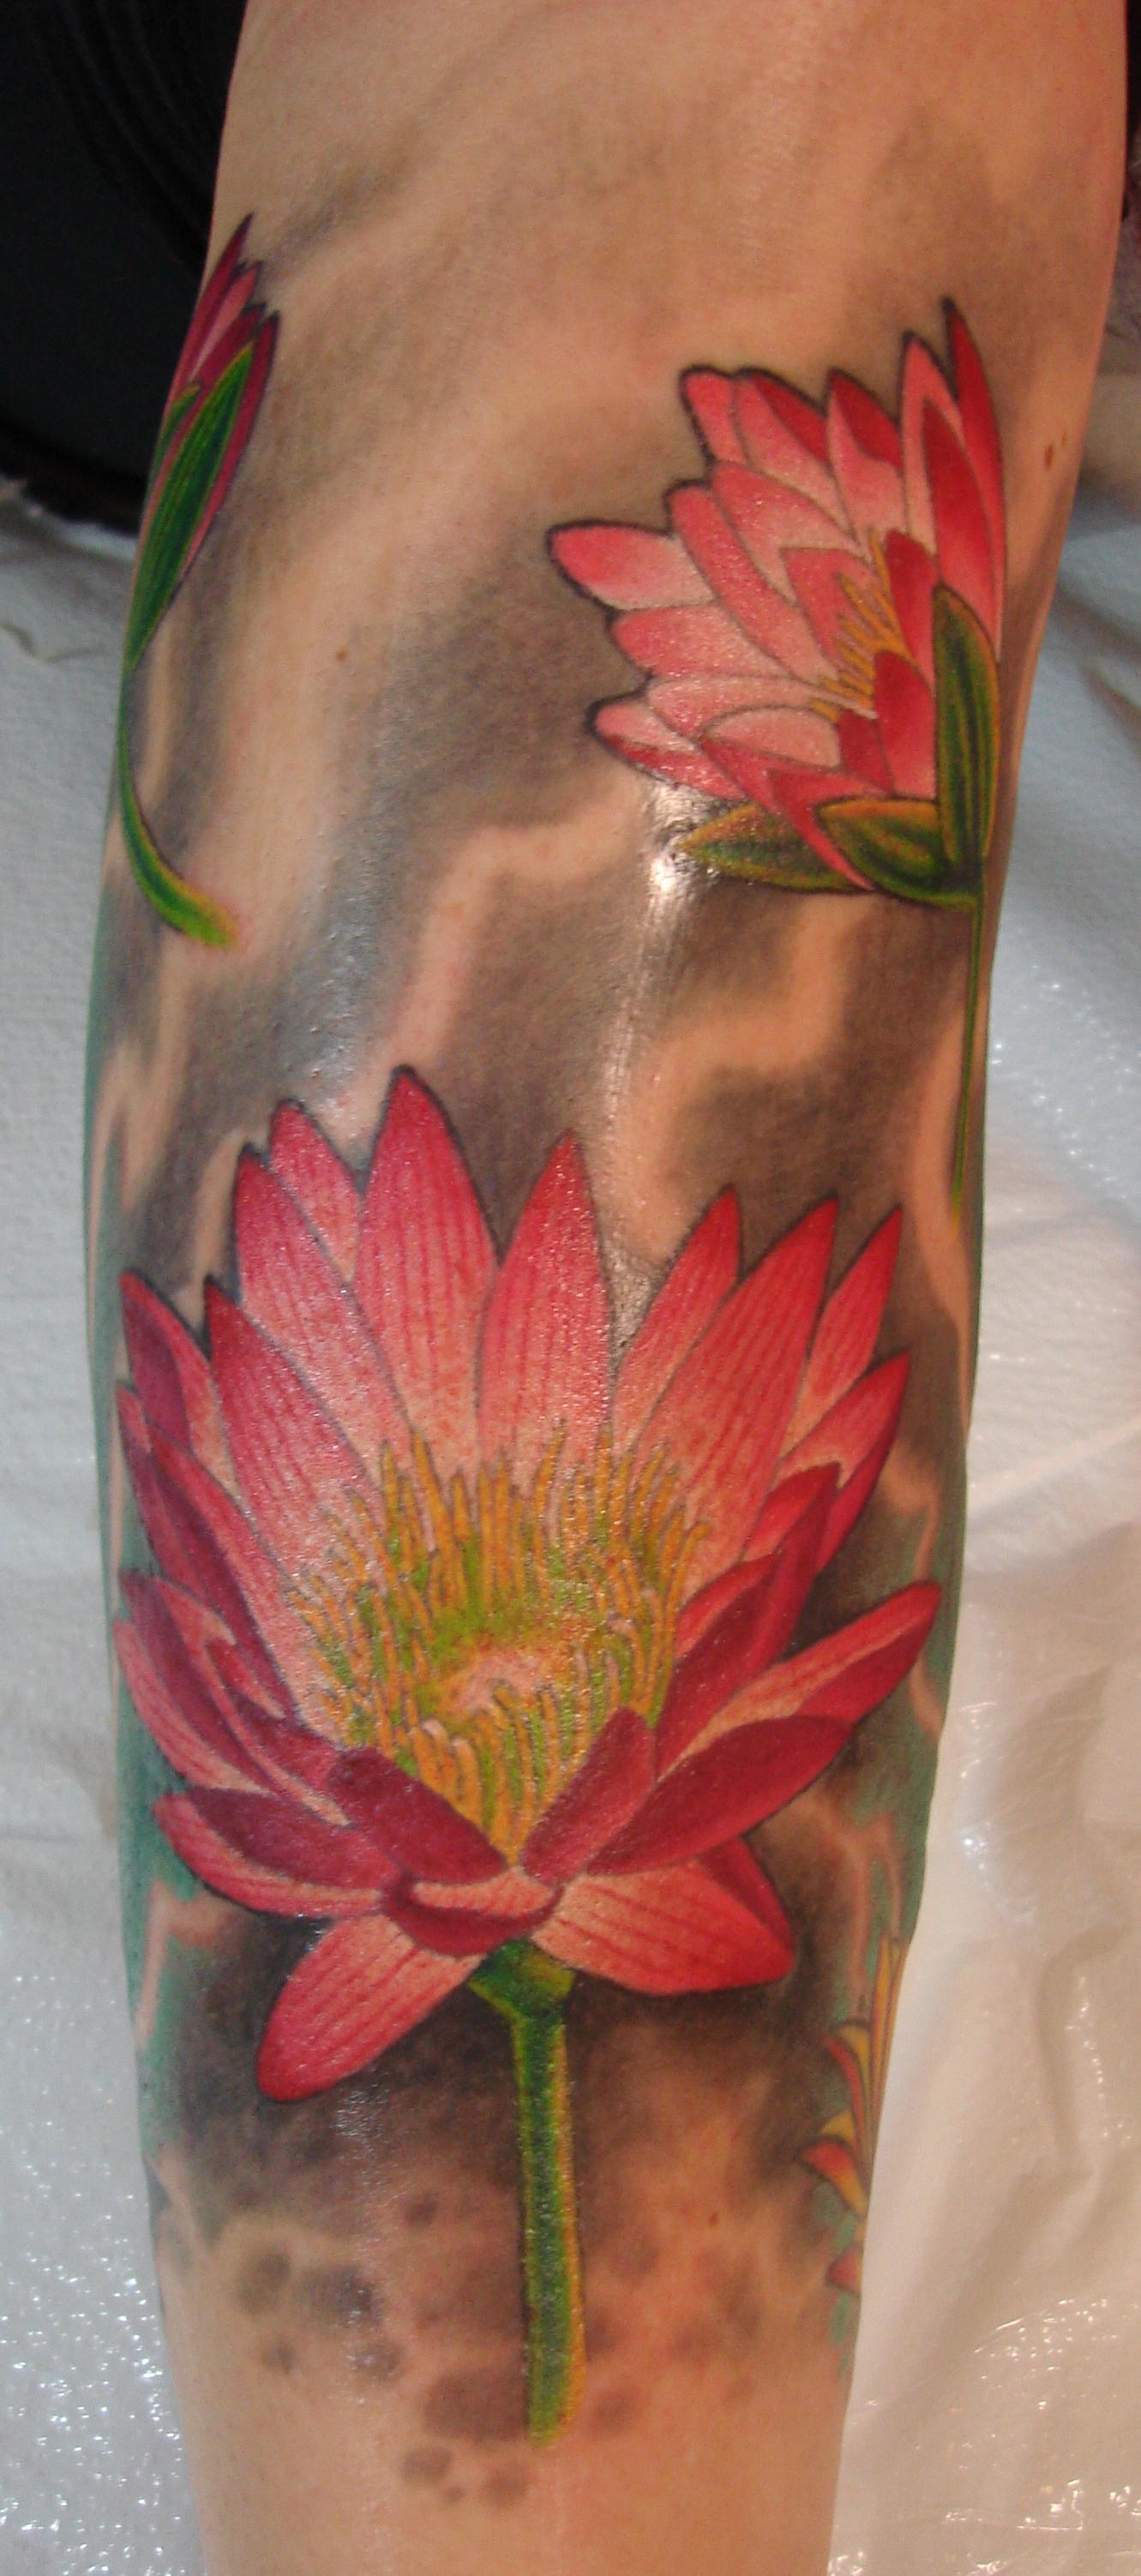 needlesflower14.JPG